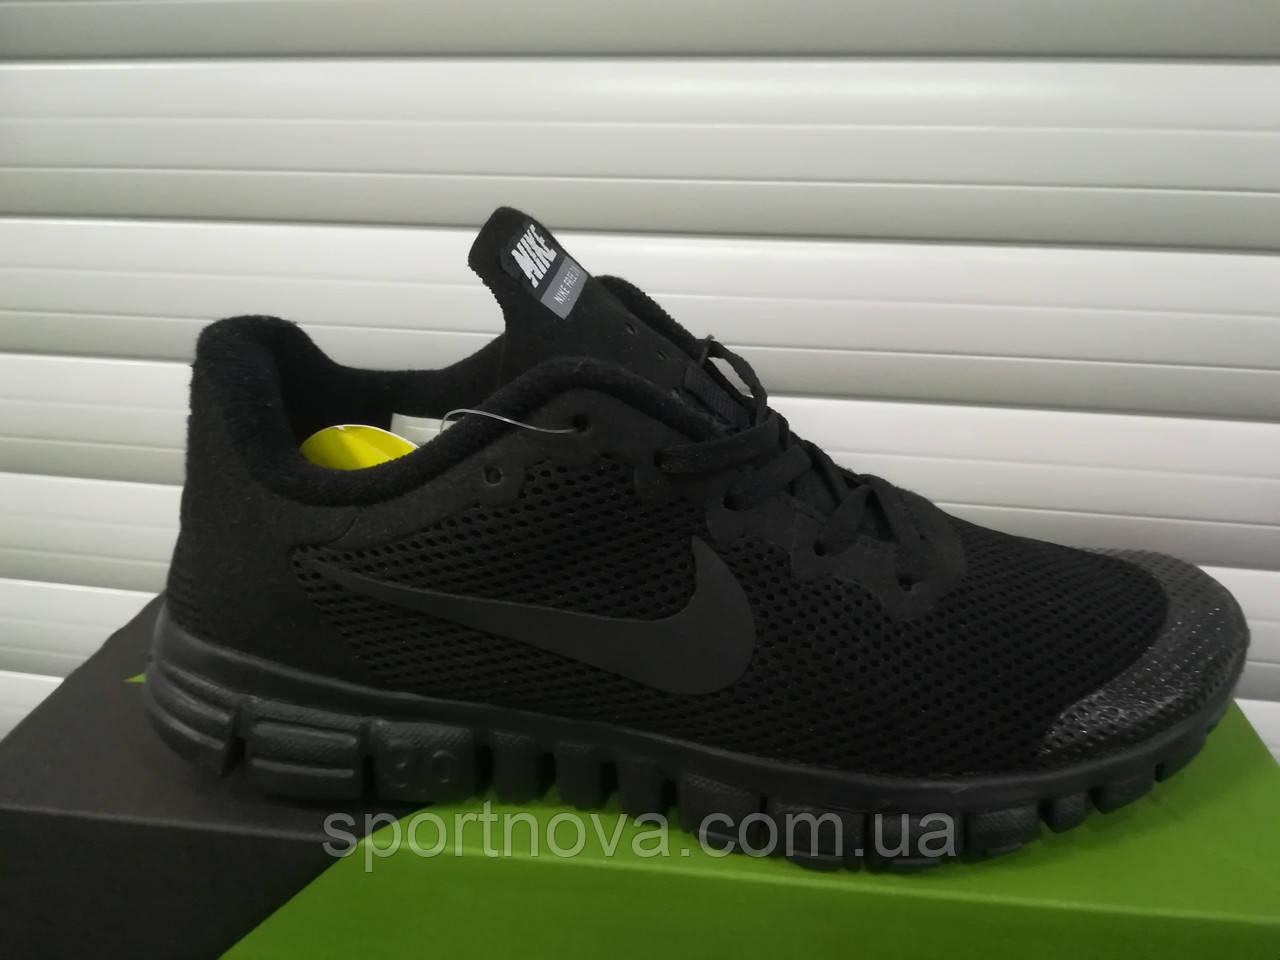 4dcc5216 Кроссовки Nike Freе Run 3.0